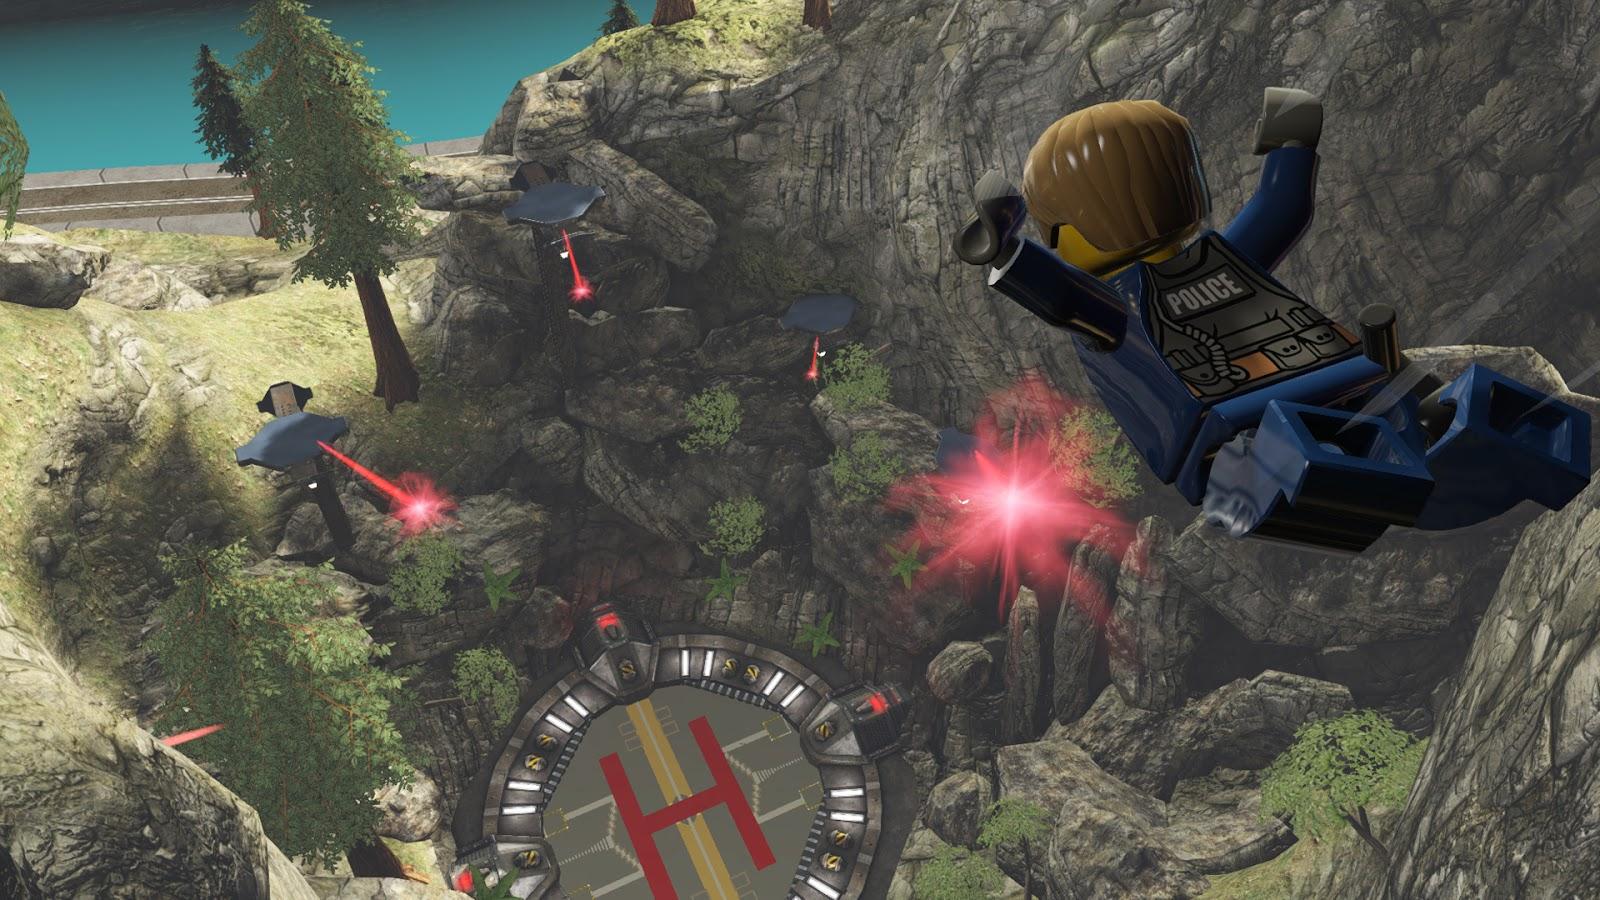 LEGO City Undercover ESPAÑOL PC Full + Update 2 (CODEX) + REPACK 4 DVD5 (JPW) 2